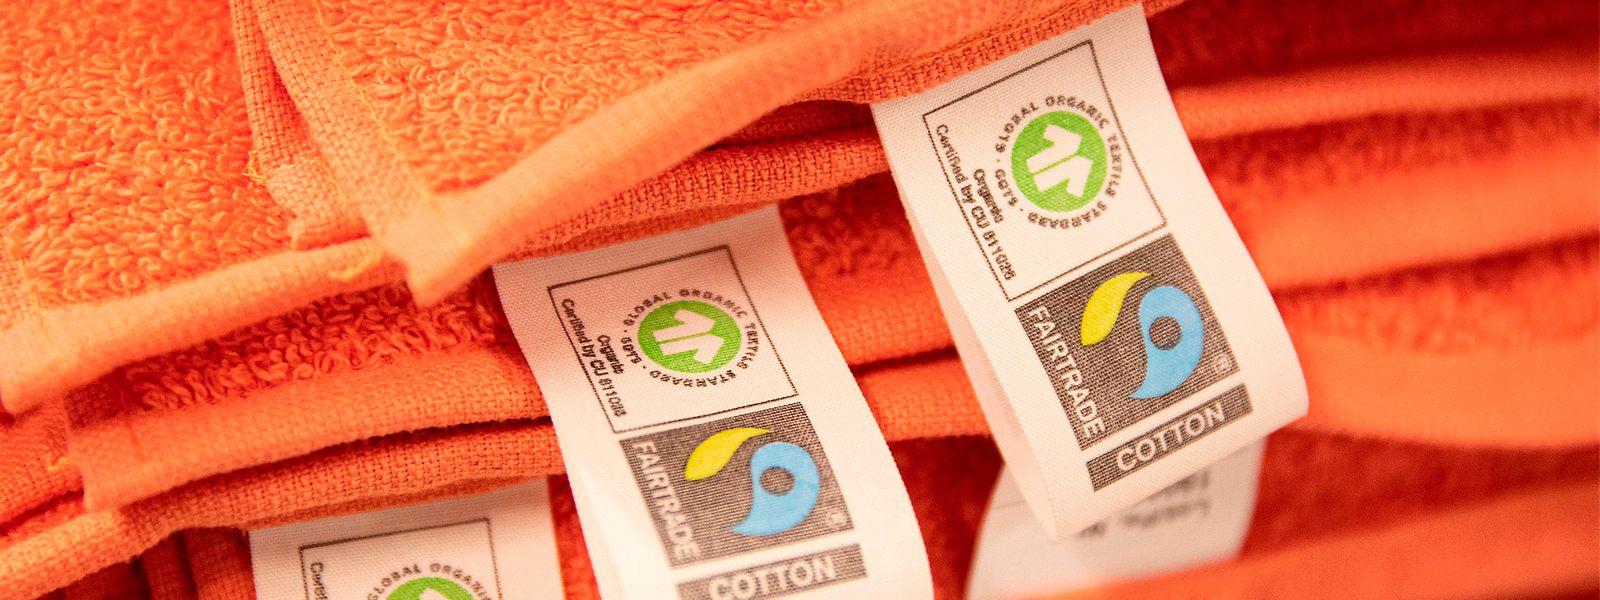 Les produits en coton équitables ont connu une progression de 285% l'an passé au Grand-Duché.